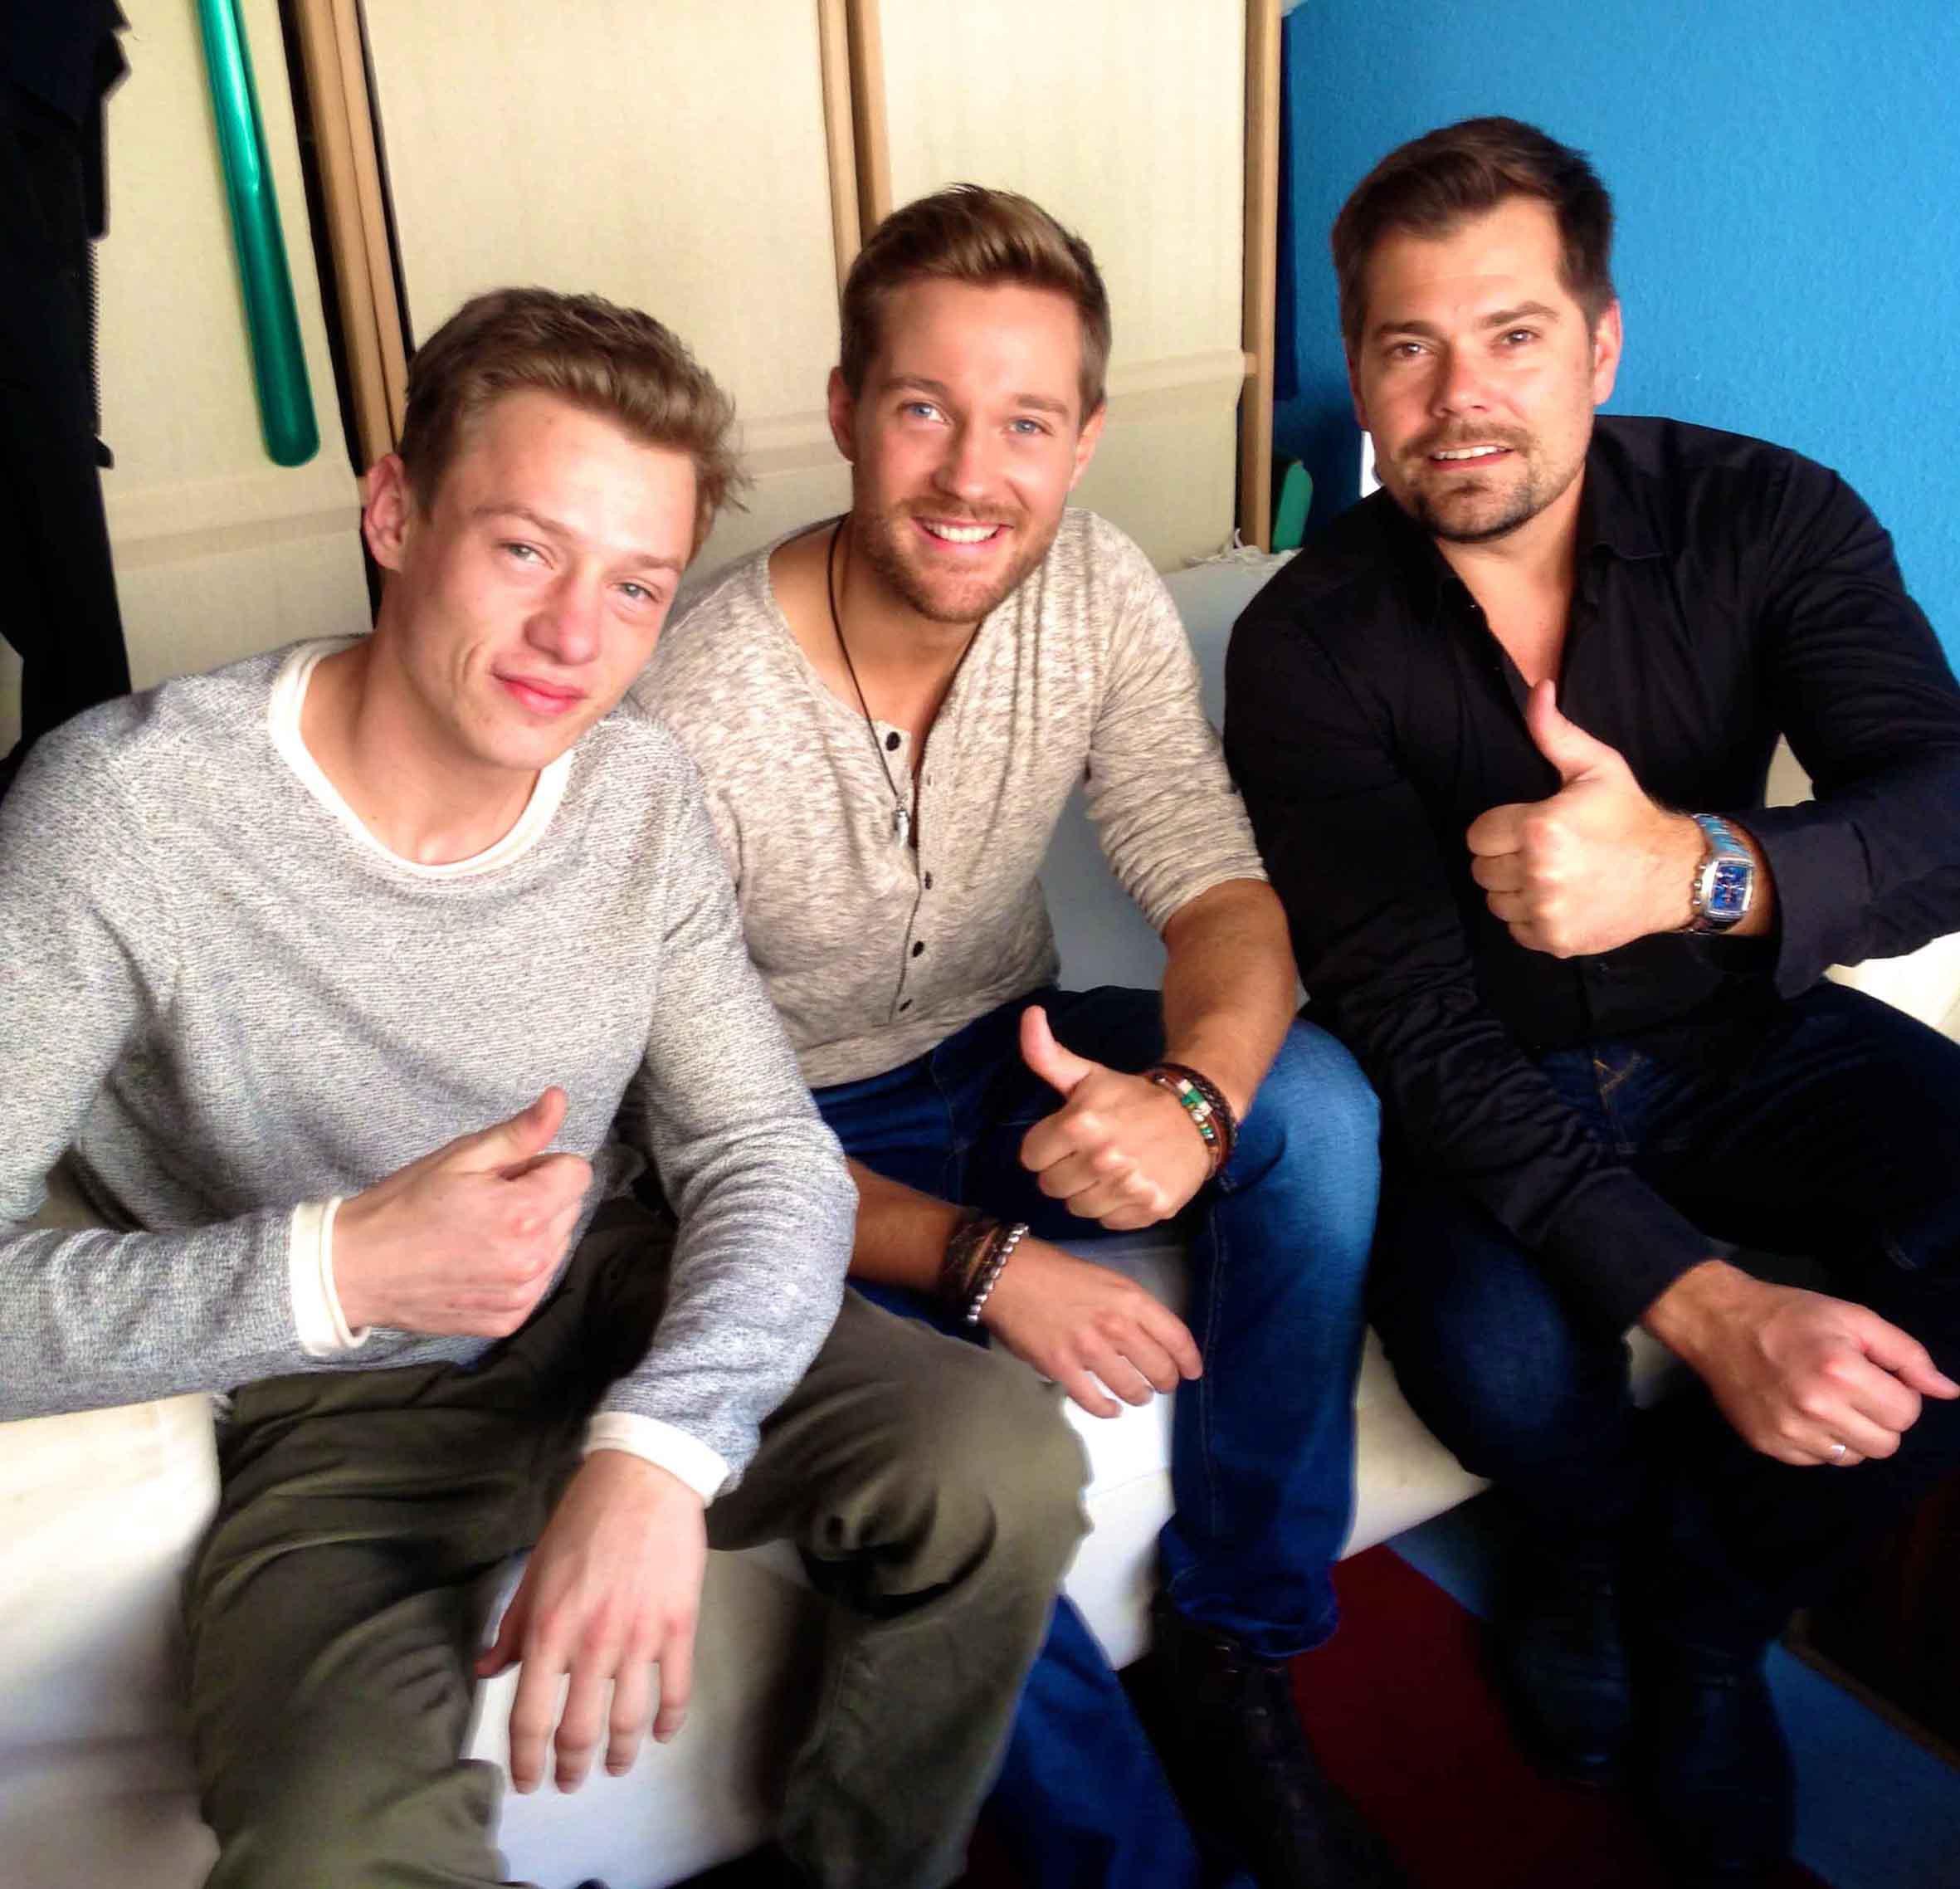 v.l.: Vincent Krüger, Tommy Schlesser und Daniel Fehlow